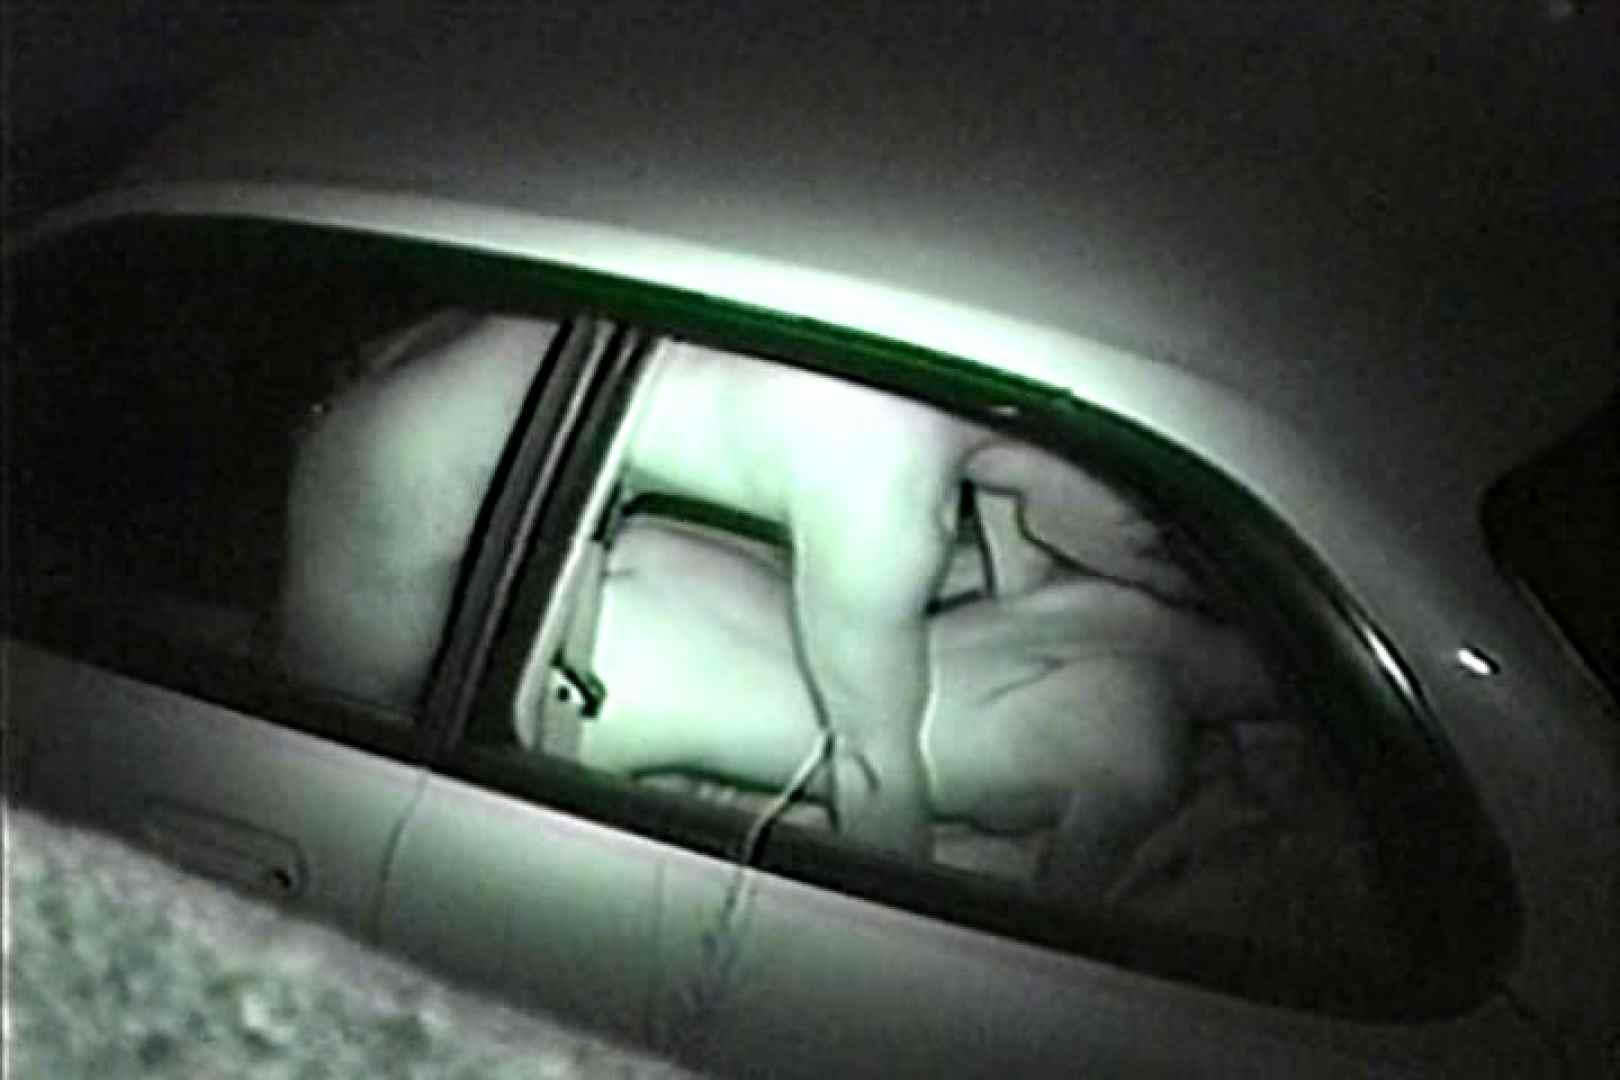 車の中はラブホテル 無修正版  Vol.7 車 セックス無修正動画無料 96連発 4